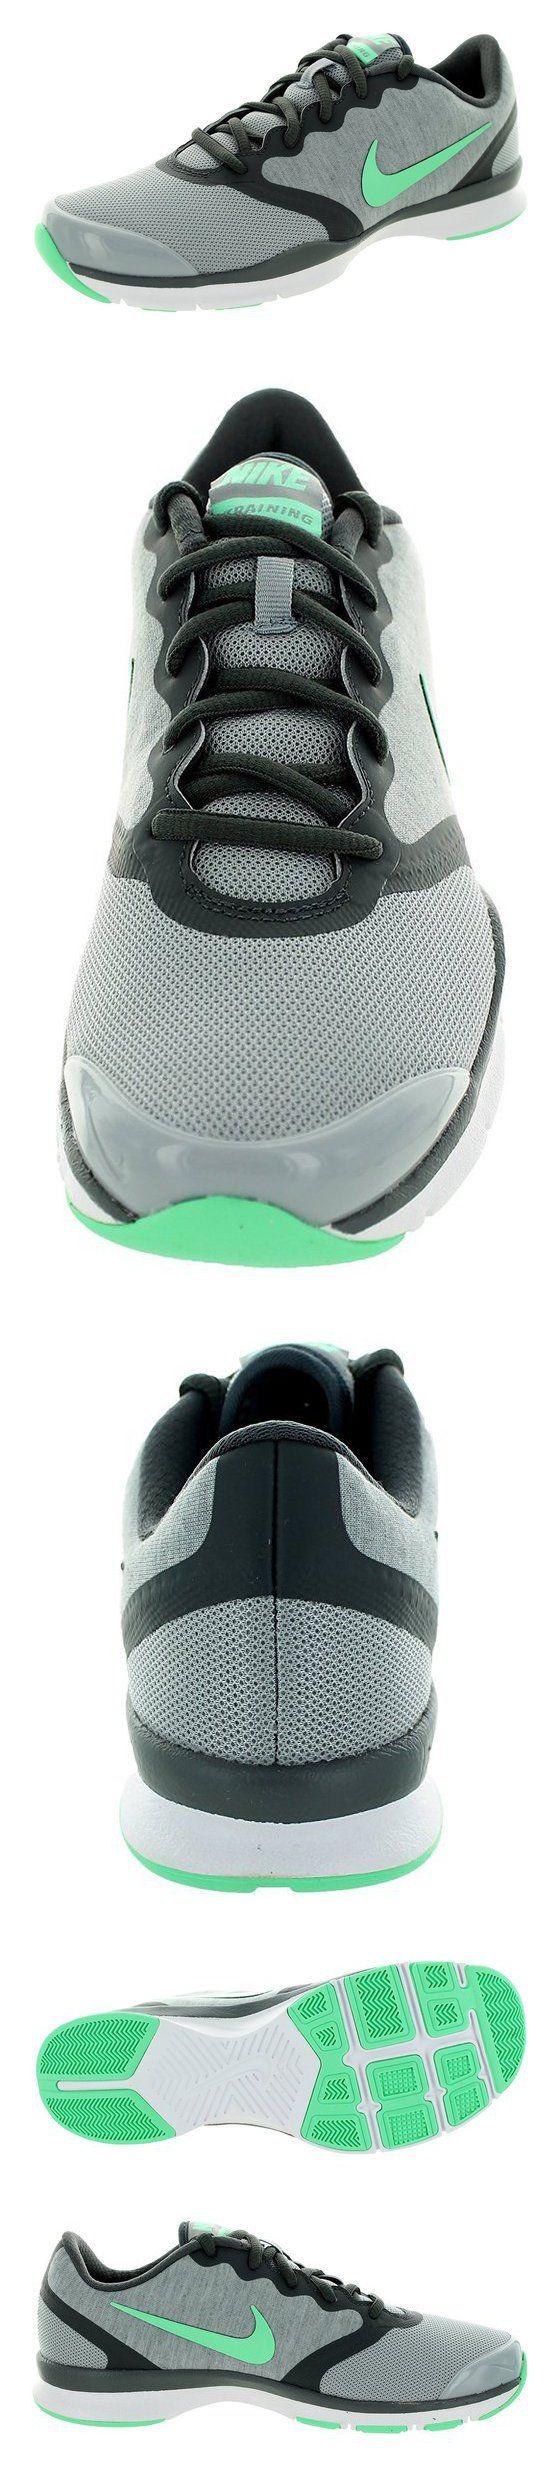 $99.97 - New Nike Women's In Season TR 4 Cross Trainer Grey/Green Glow 7 #shoes #nike #2013